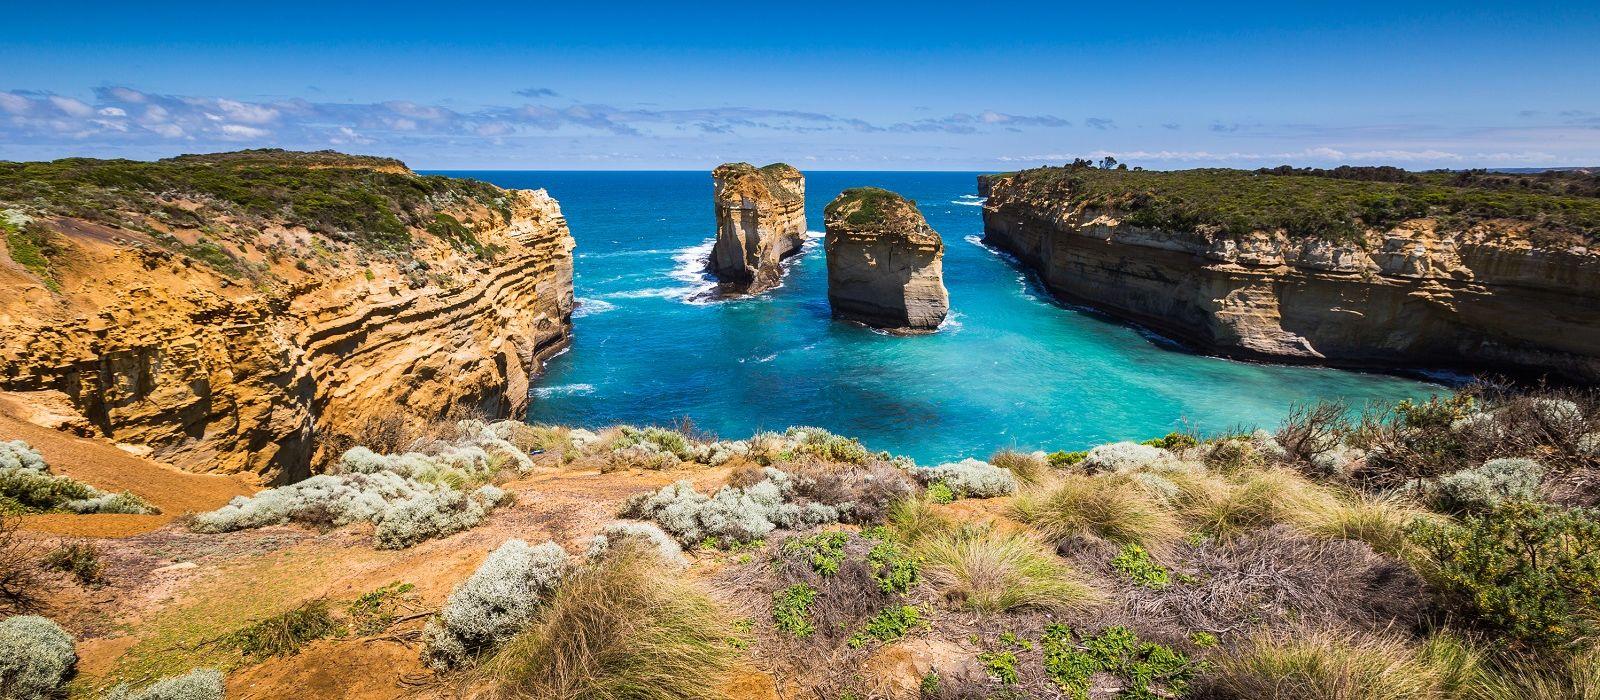 Australien: Metropolen, Nationalparks & Strände Urlaub 5